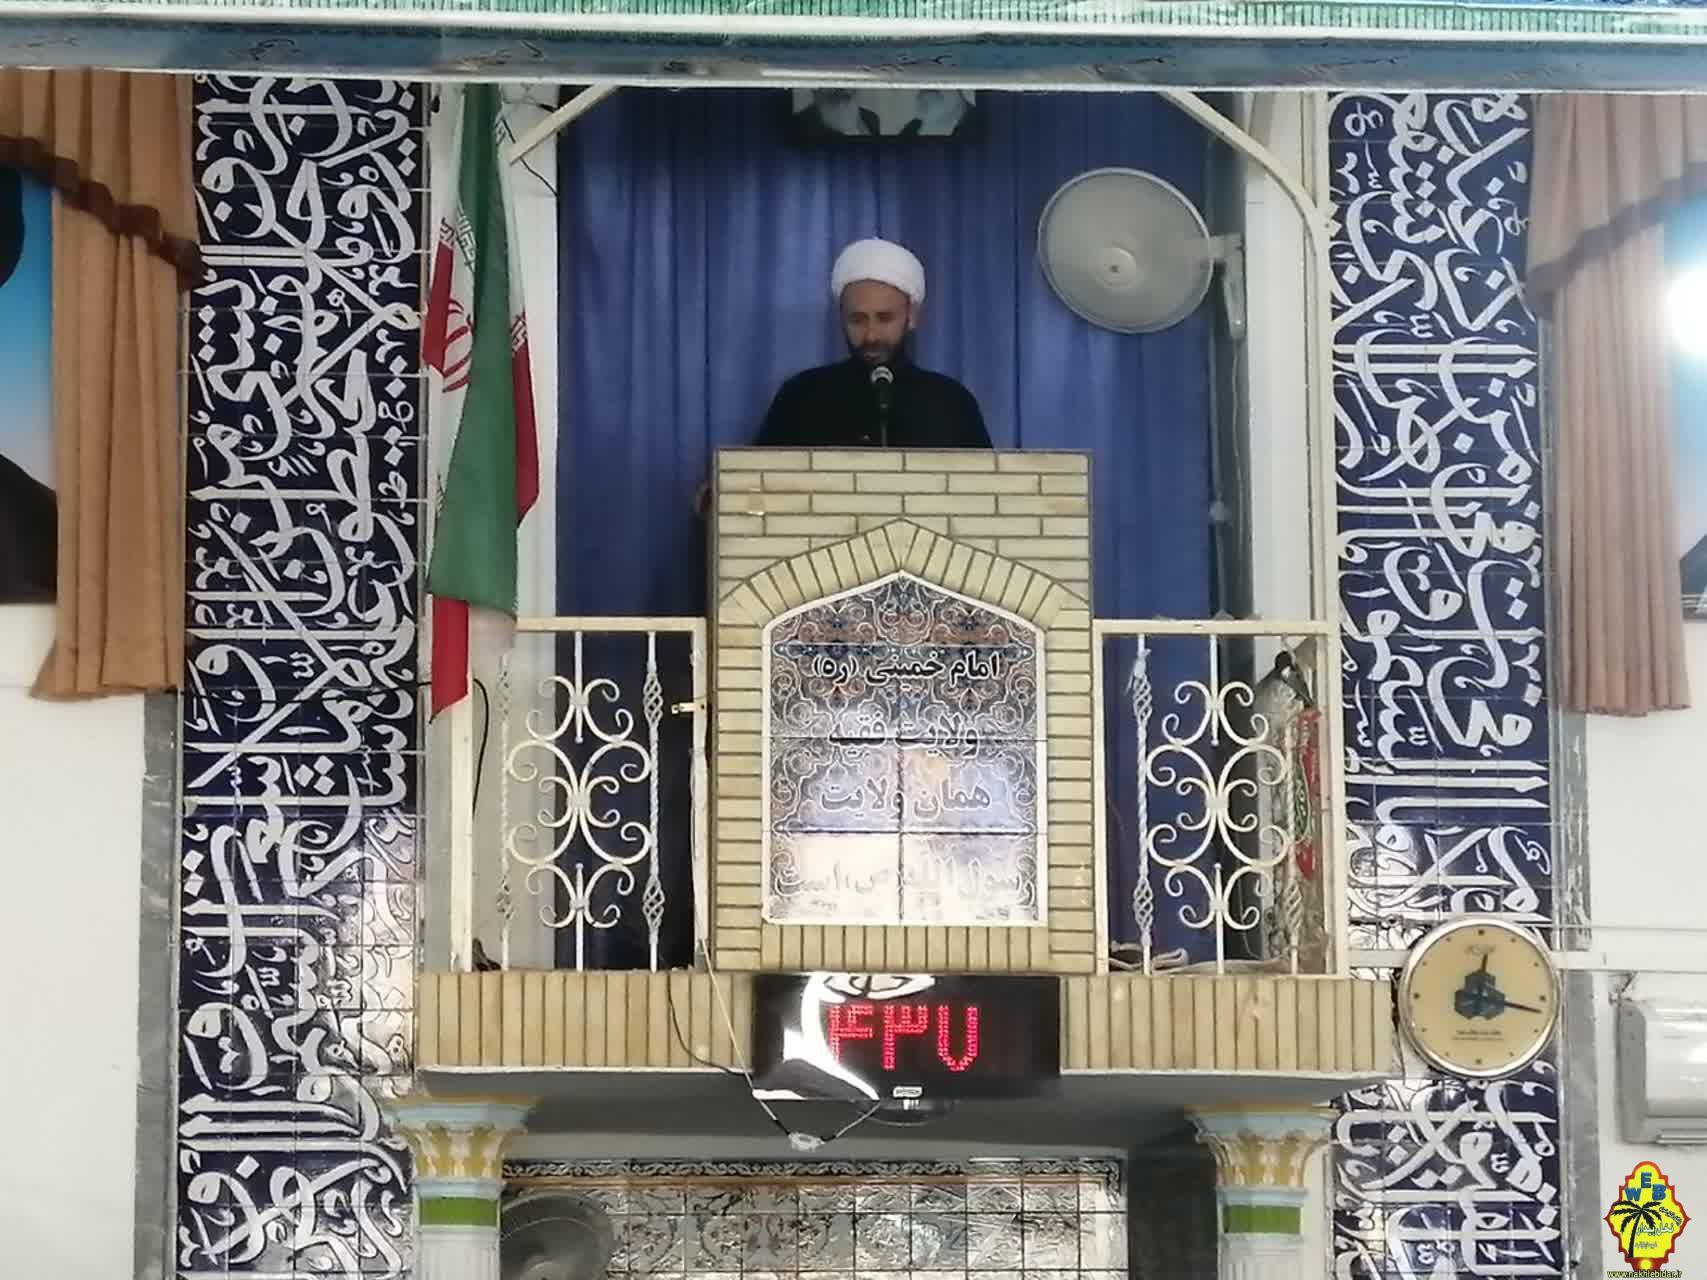 خطیب نماز جمعه فراشبند: یکی از اقشار موثر و تاثیرگذار در طول هشت سال دفاع مقدس، قشر روحانیت بود